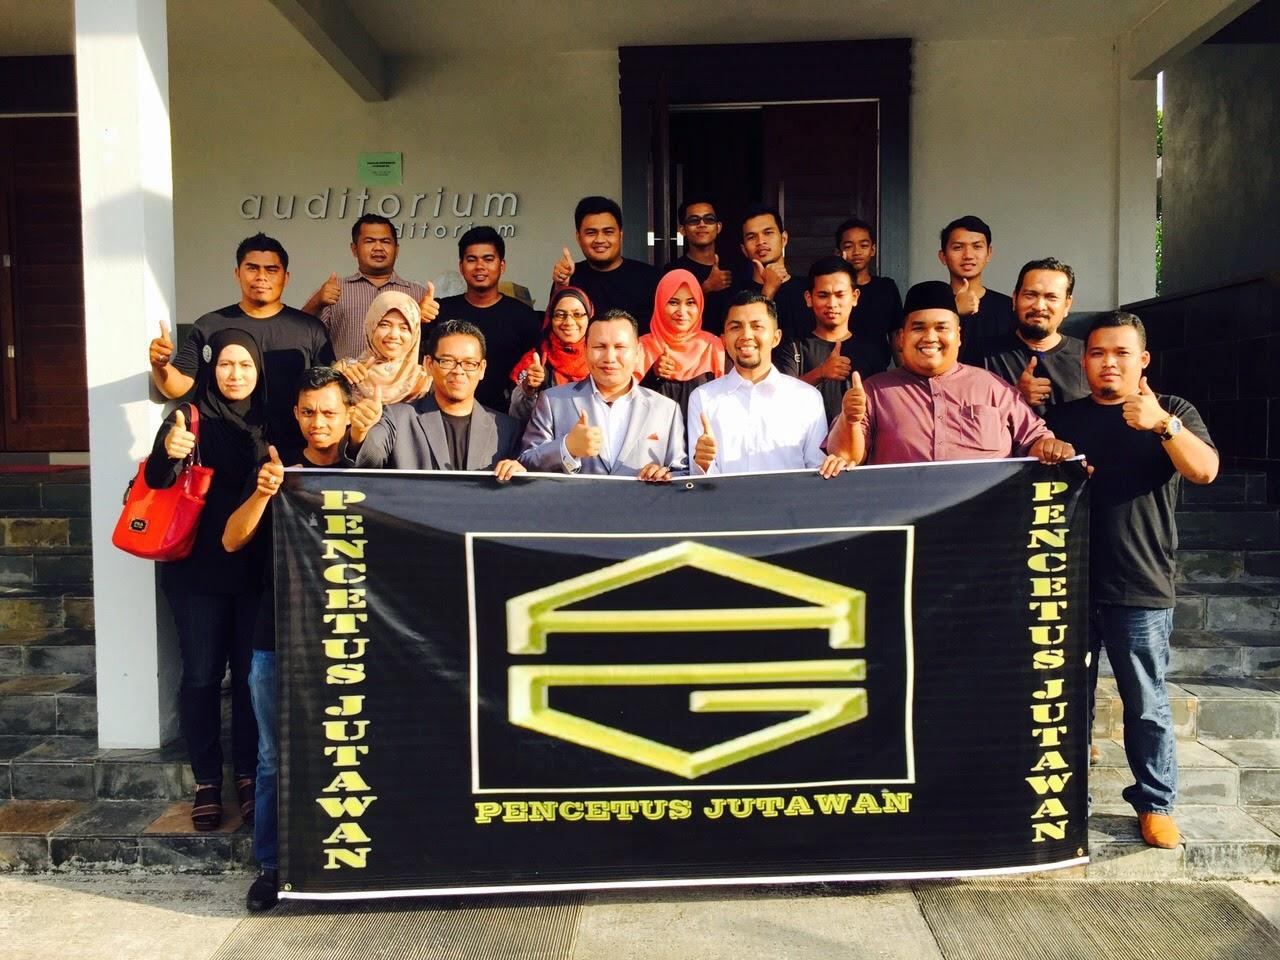 Team Pencetus Jutawan